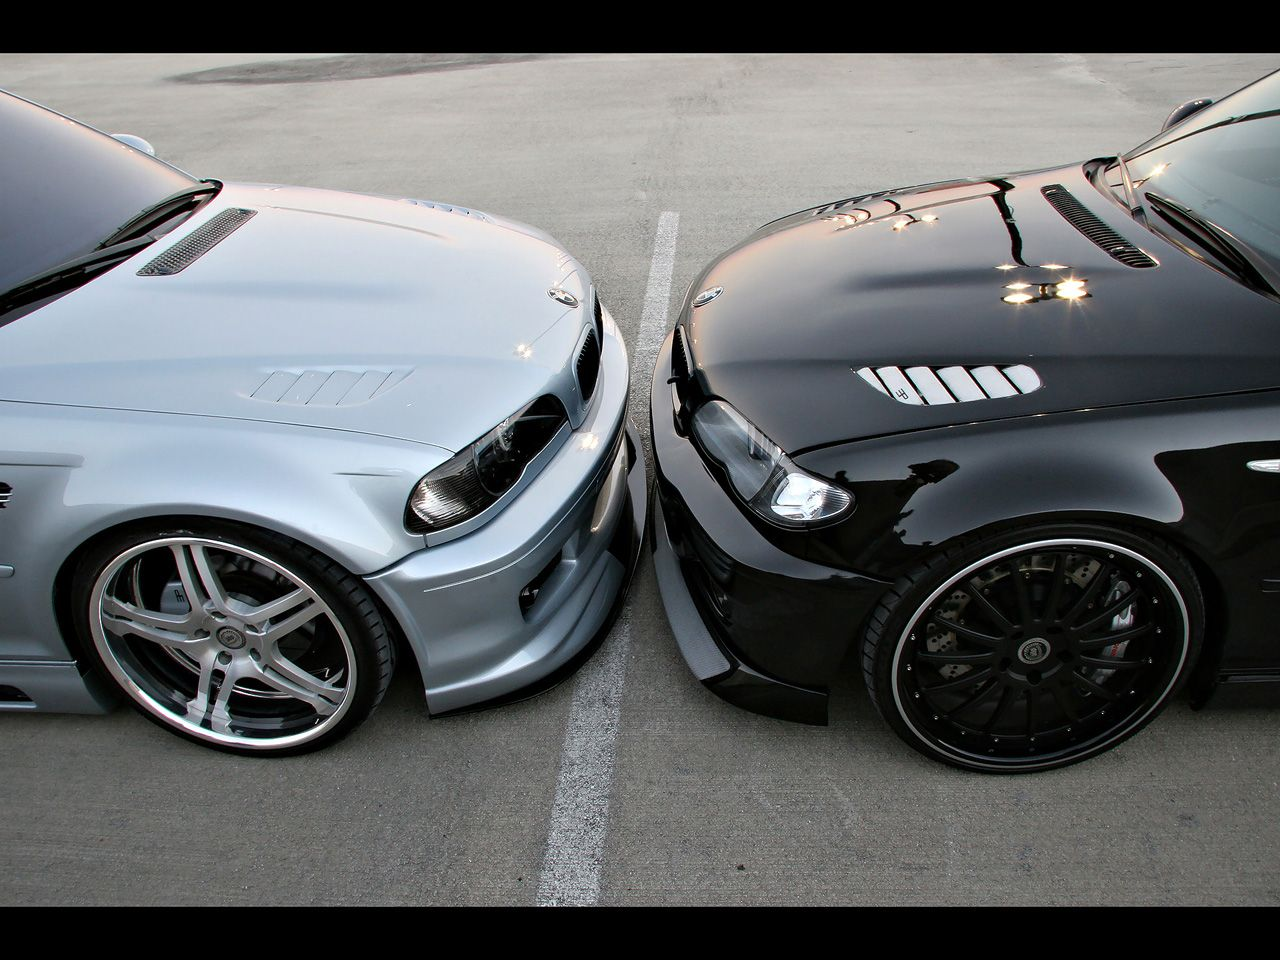 Bmw 330i Zhp Europrojektz Darxide Duo Bmw Bmw E46 Sedan Bmw E46